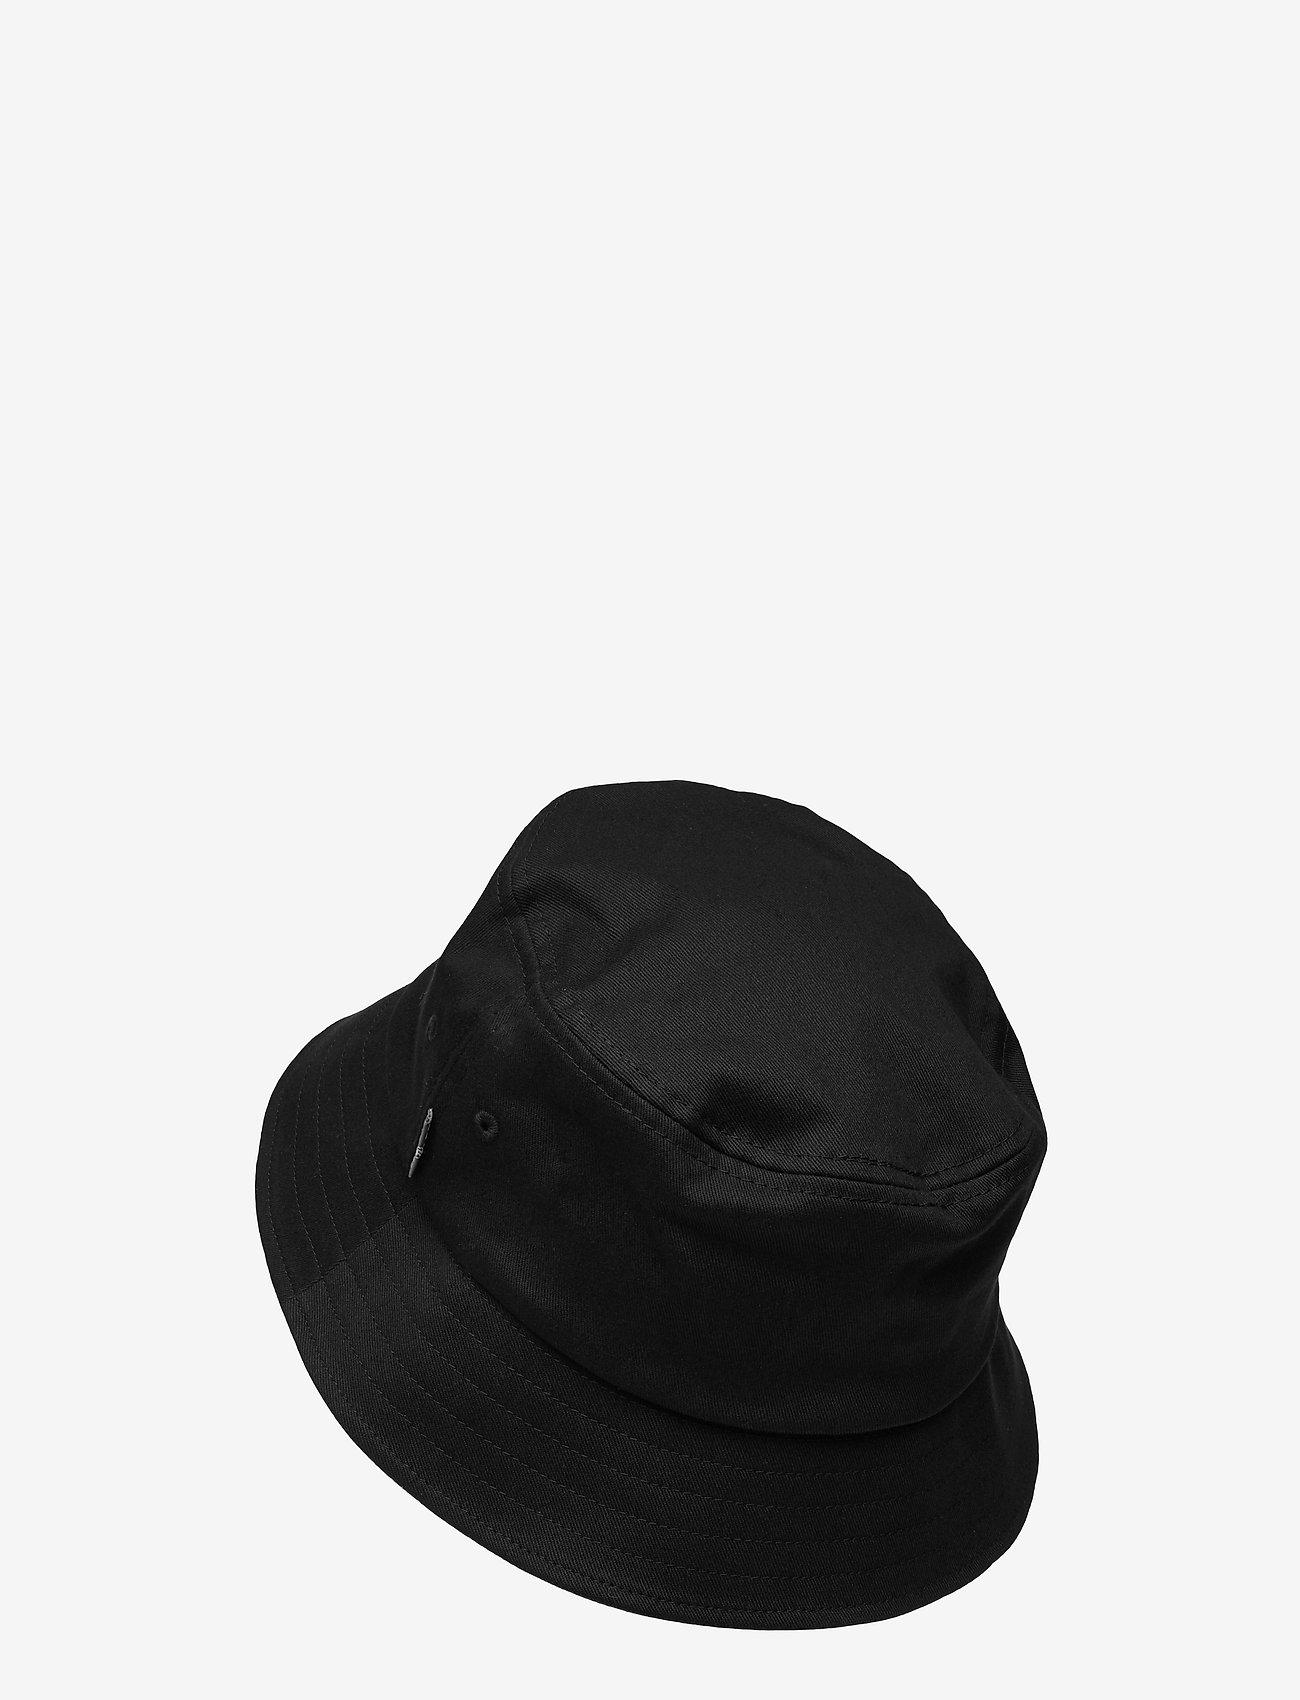 Levi's Footwear & Acc - BUCKET HAT - VINTAGE MODERN LOGO - bucket hats - regular black - 1